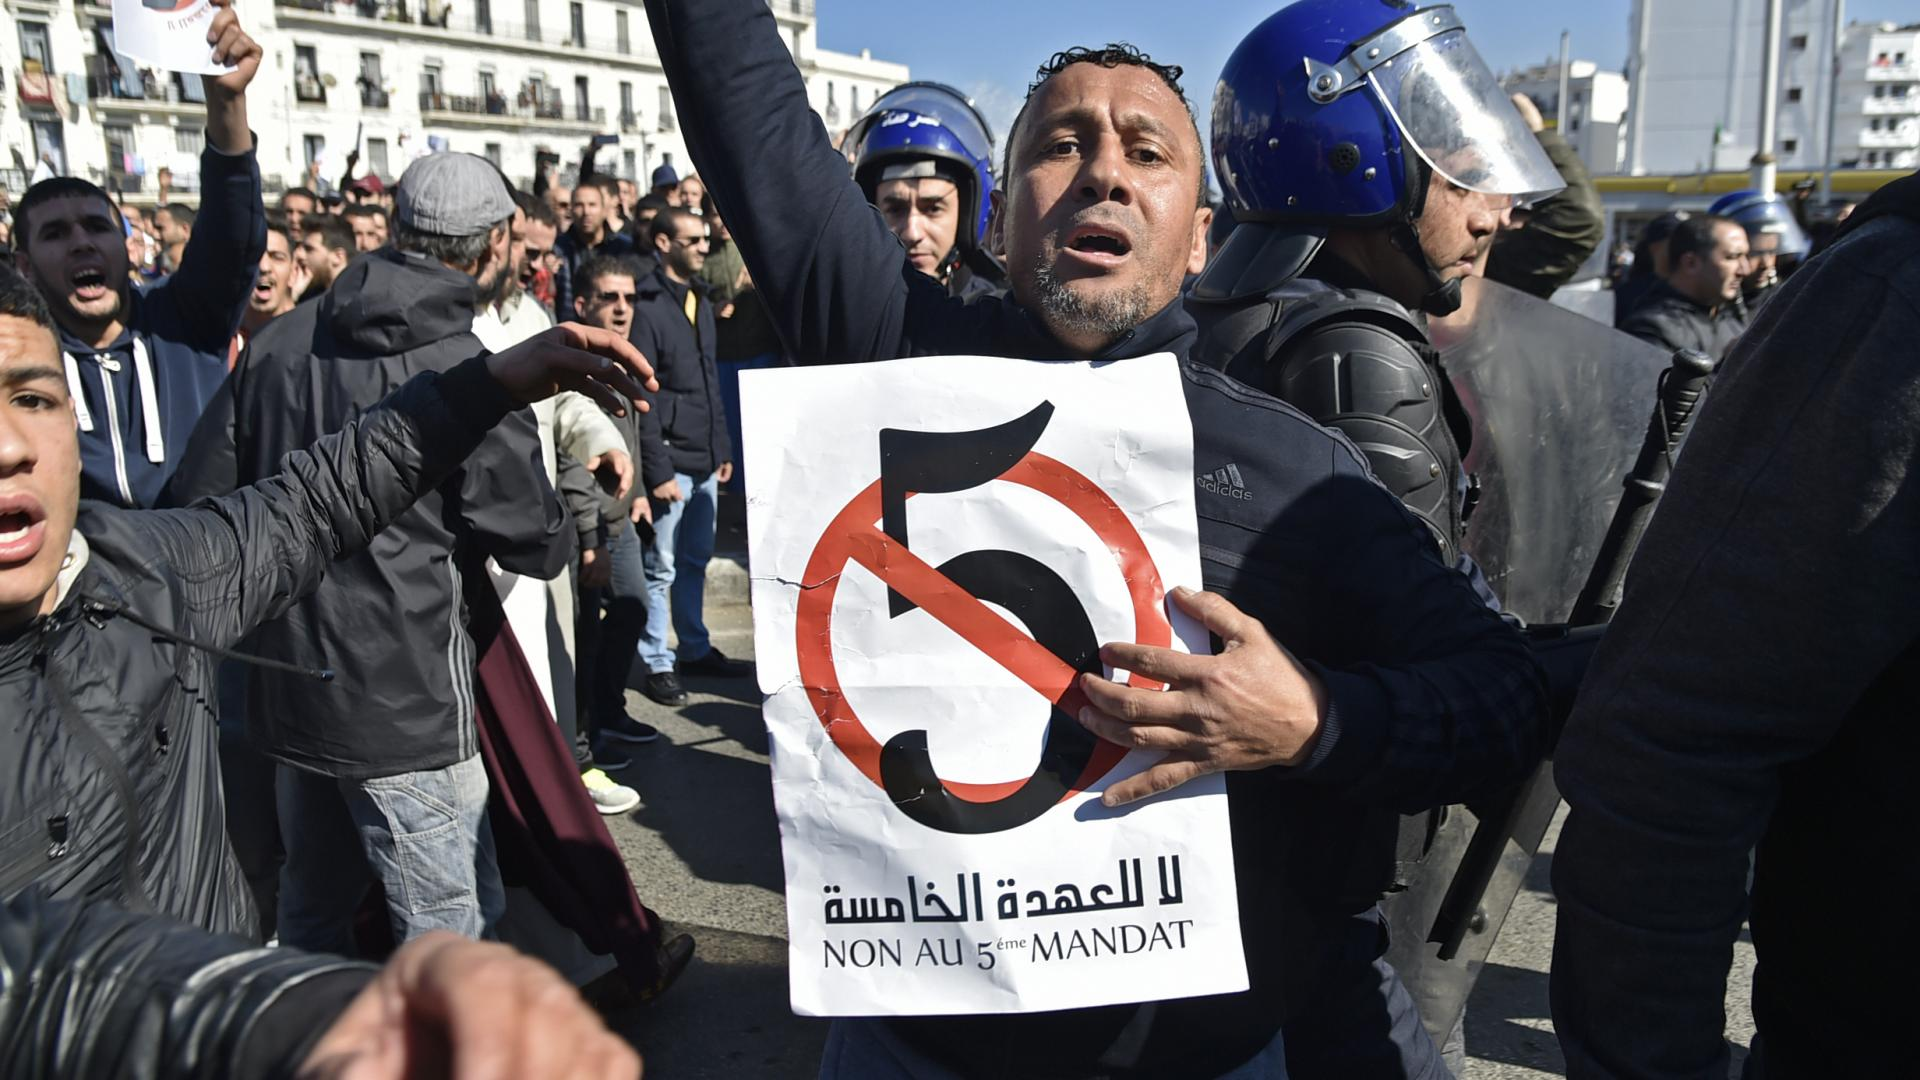 رغم حظر التظاهر.. احتجاجات في الجزائر ضد ترشح بوتفليقة لولاية خامسة